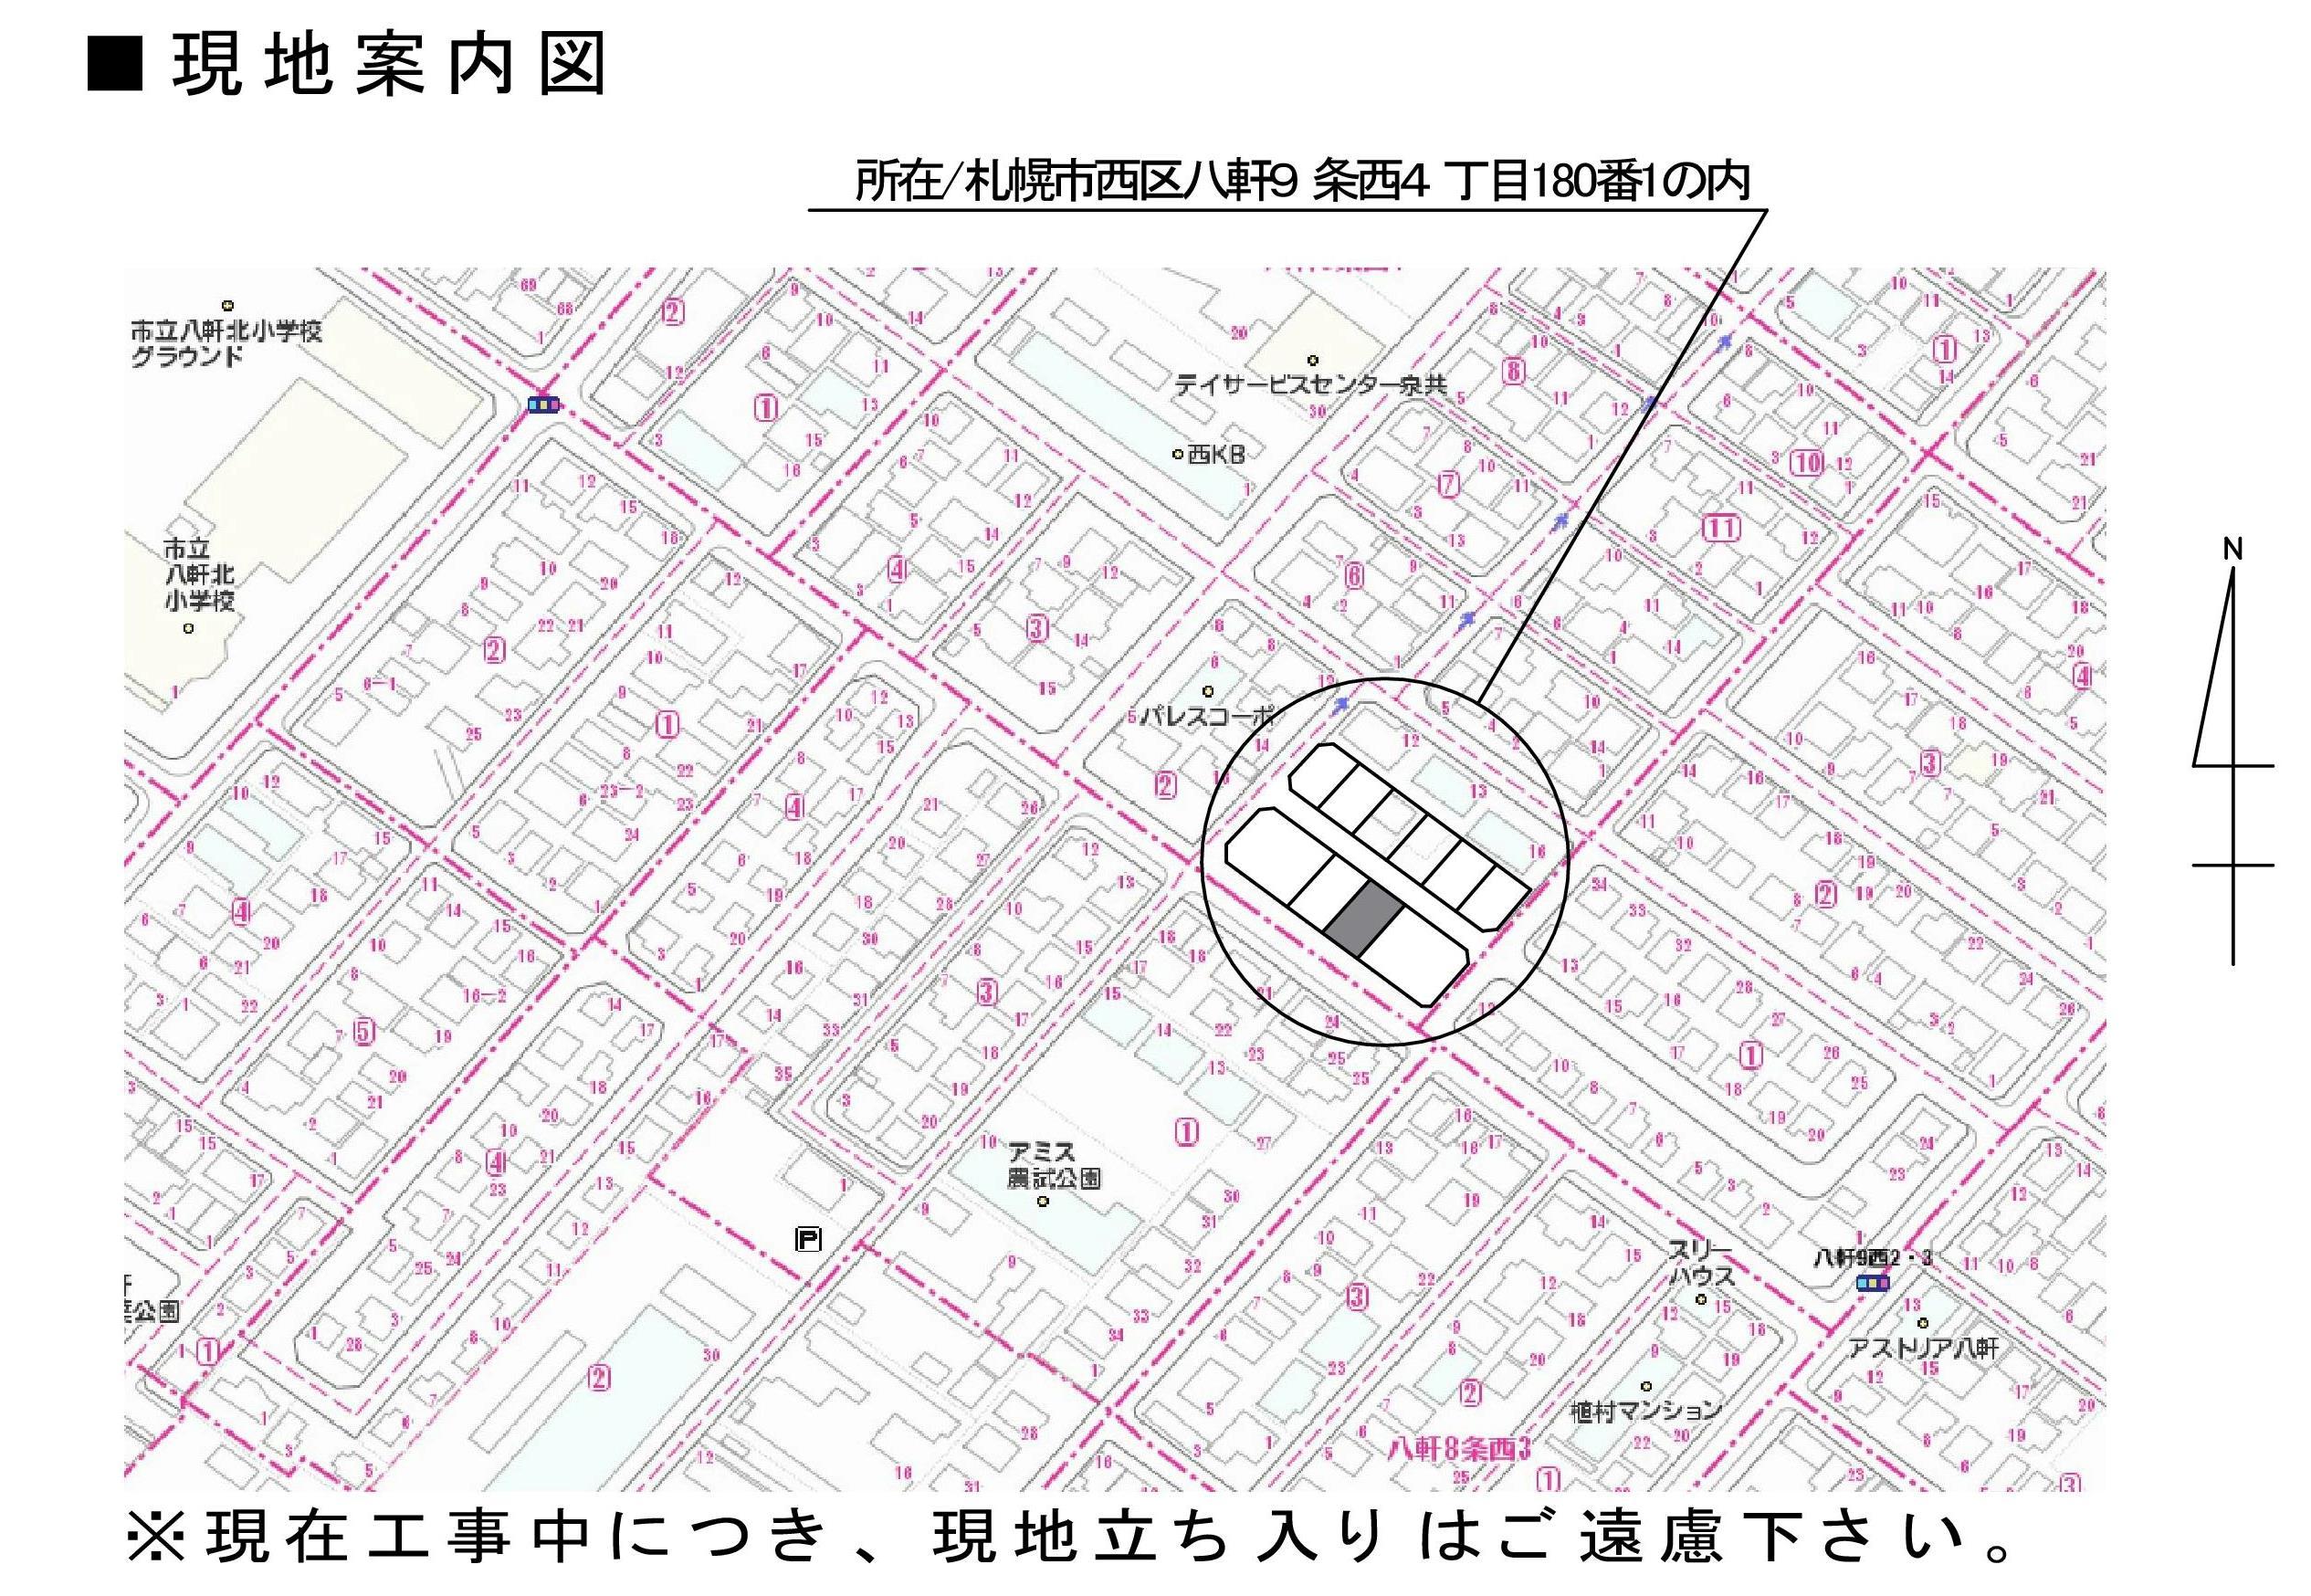 【成約済】三五工務店の分譲地 「八軒35タウン」区画C 再募集のお知らせ